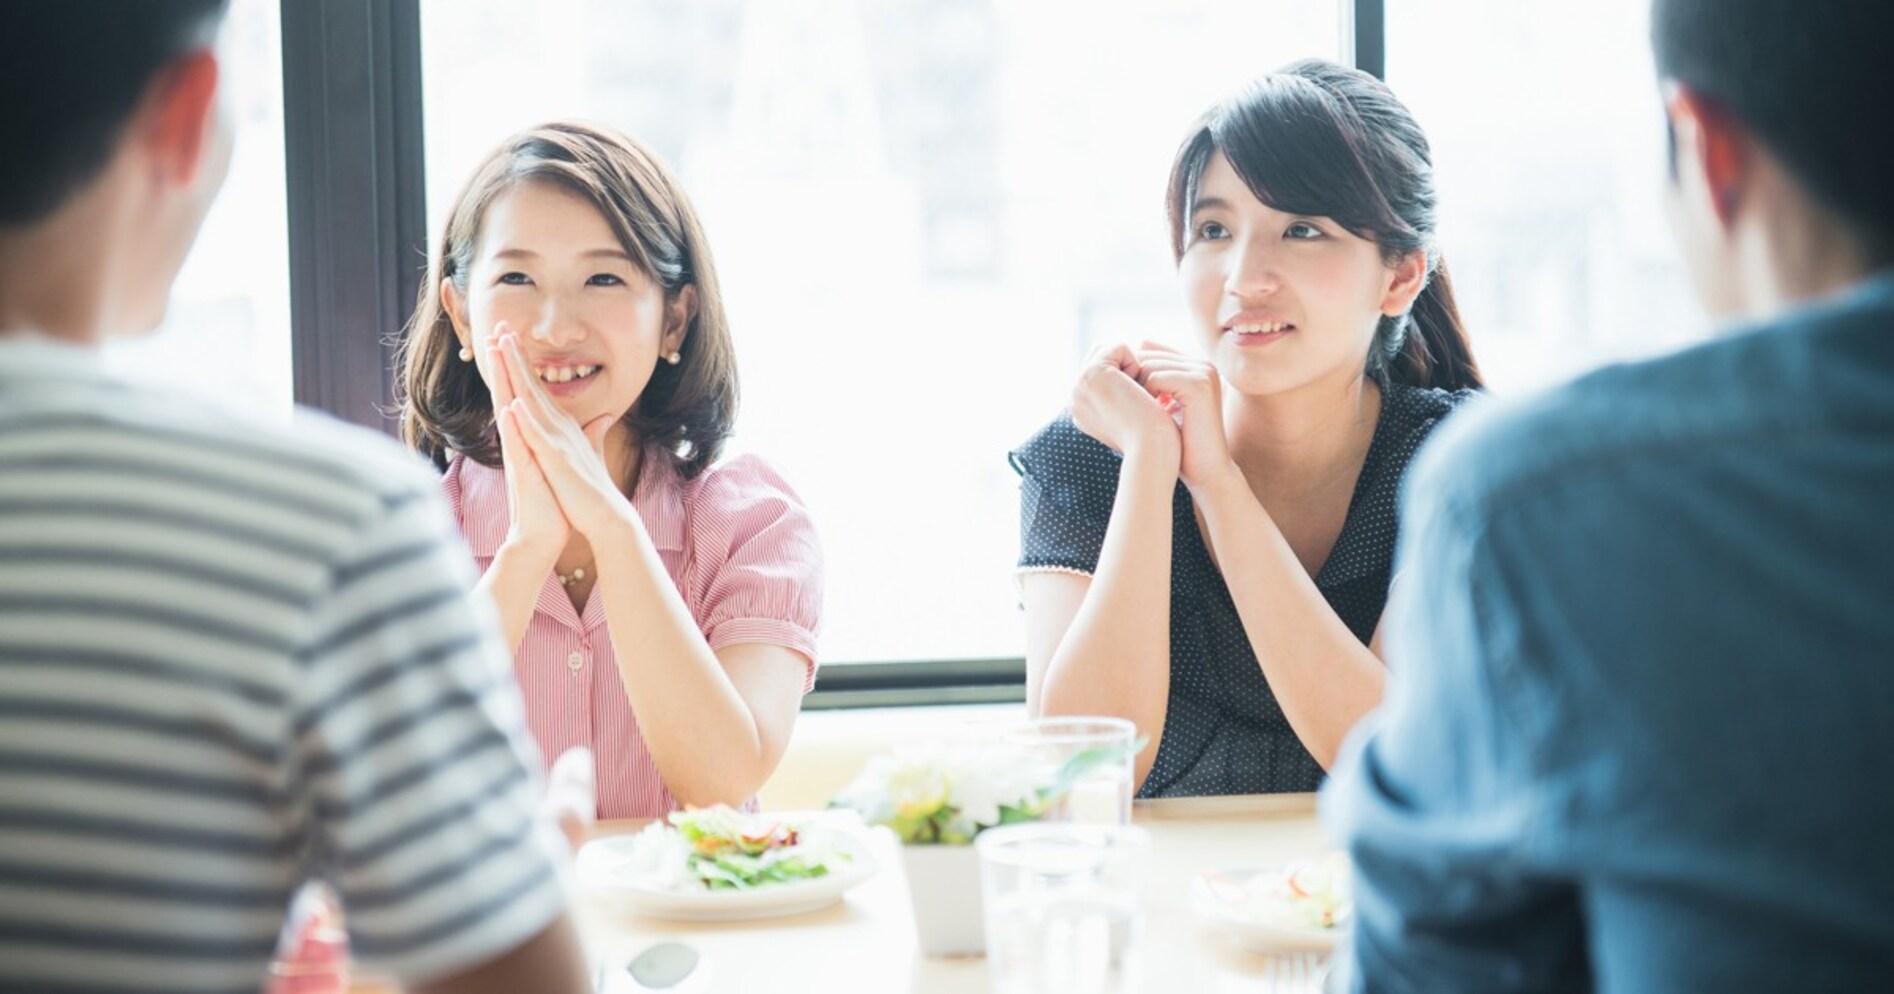 【働く女の「モテ道場」】合コンの「サラダとりわけ問題」から考える。仕事がデキる人と恋愛がデキる人の違い